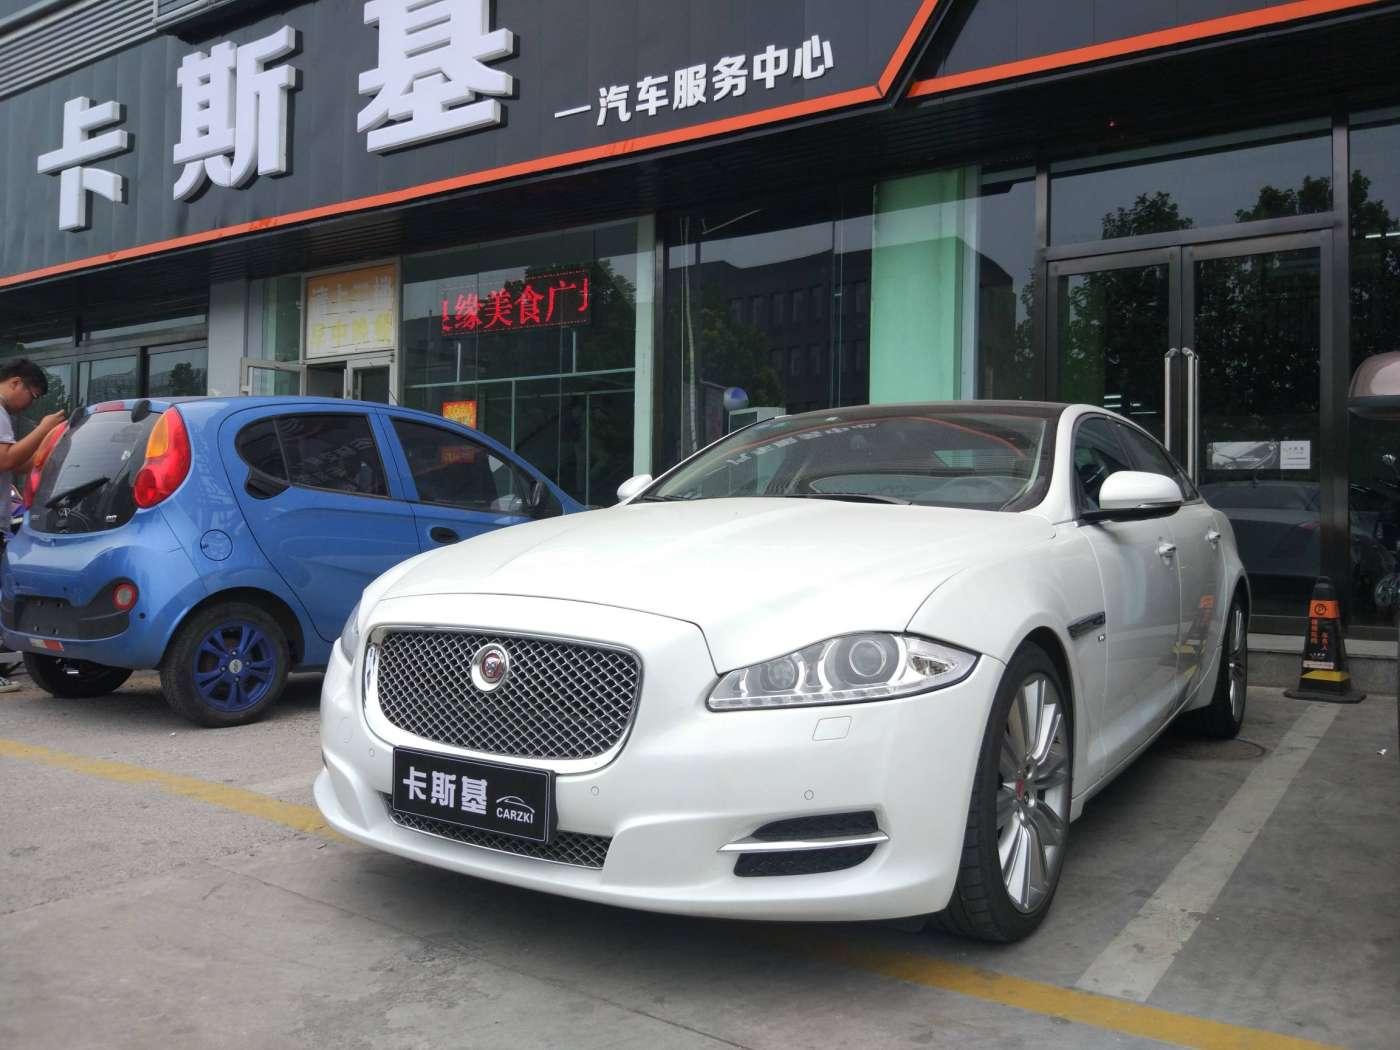 2014款捷豹XJL3.0sc|甄选捷豹路虎-北京卡斯基汽车服务重庆彩票